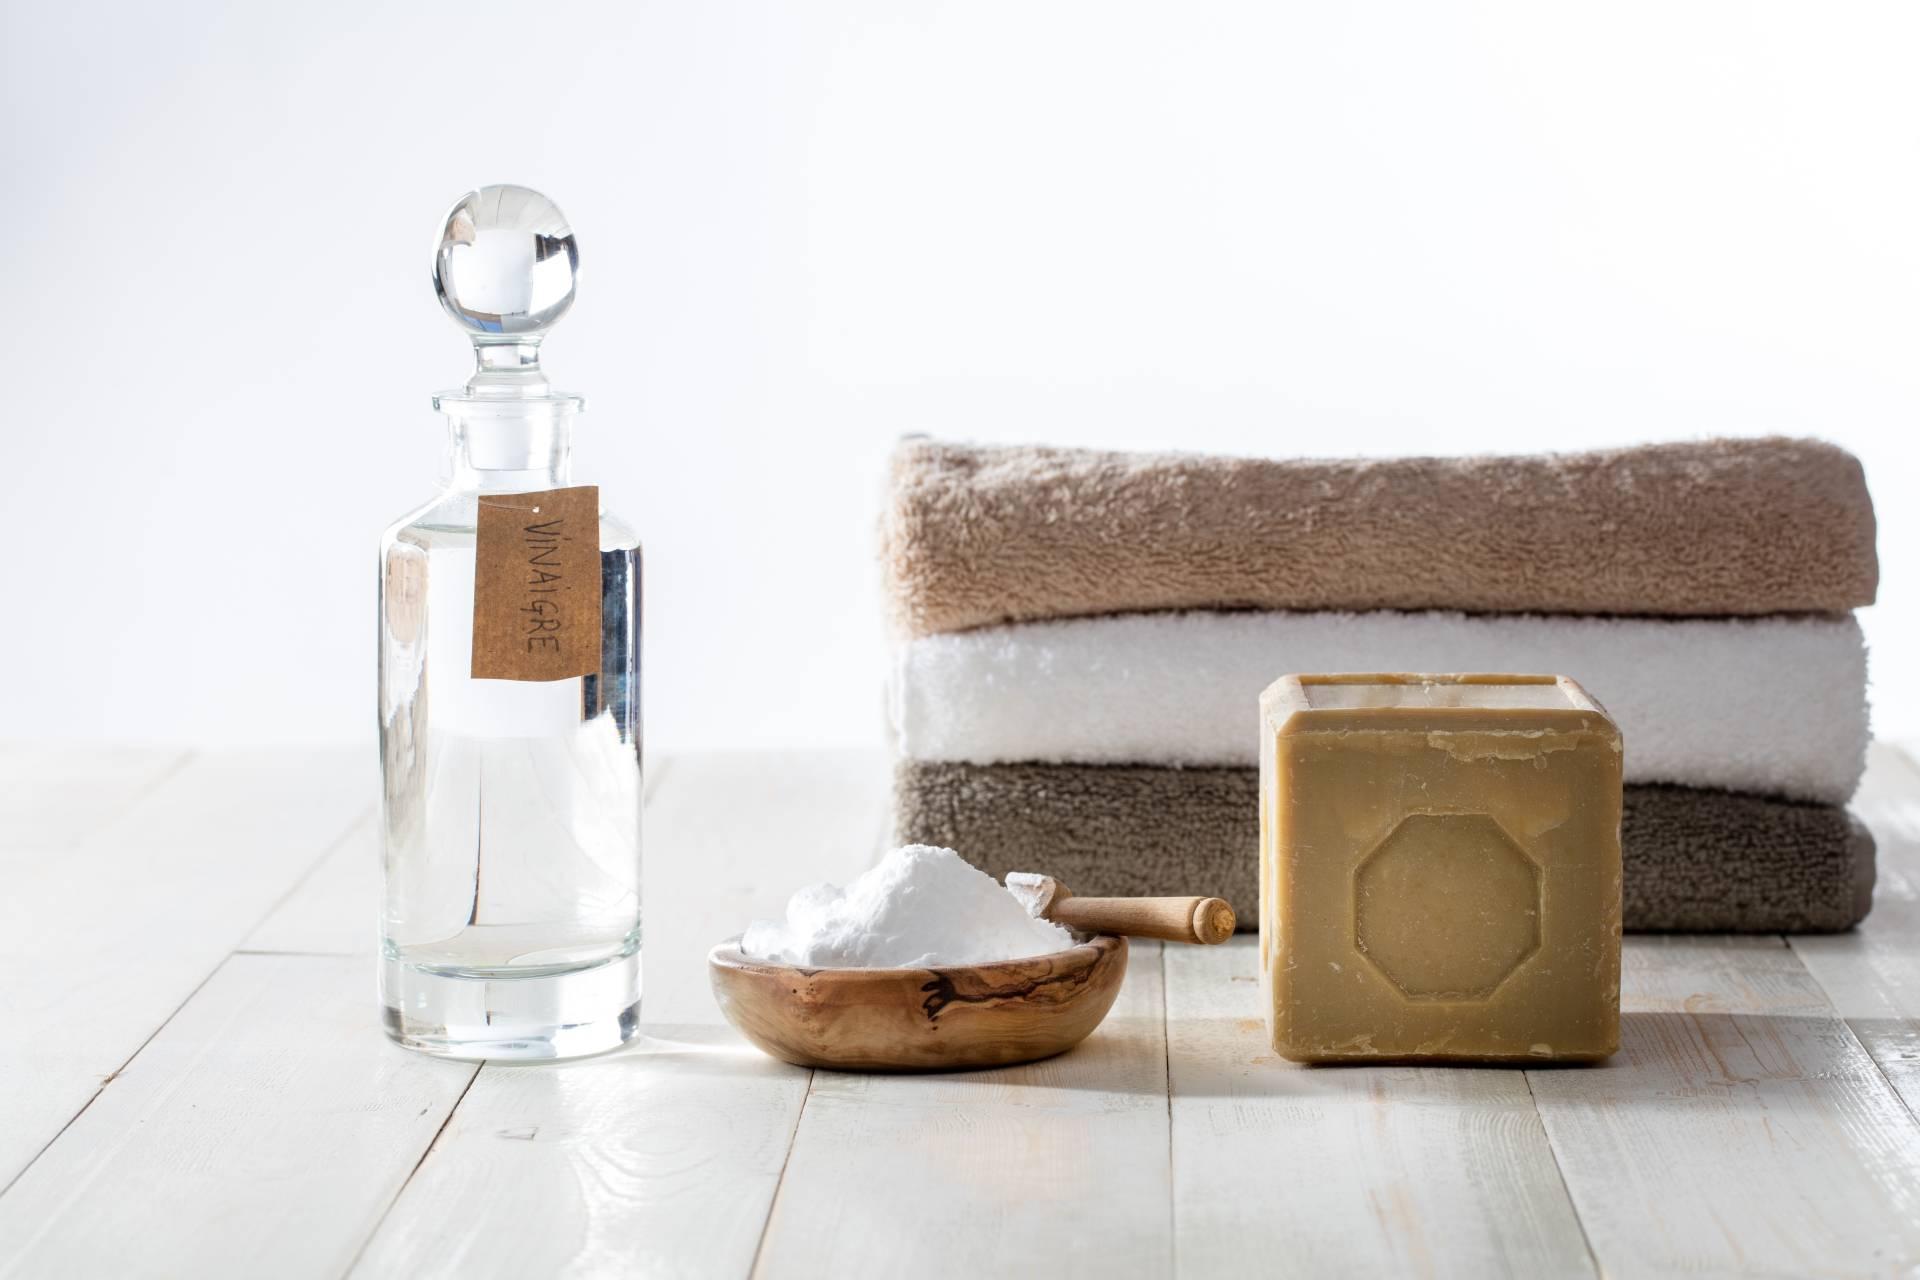 Jak zrobić ekologiczny płyn do płukania tkanin? Butelka octu, miseczka z sodą oczyszczoną, mydło leżą na drewnianej podłodze - w tle ręczniki. Przepisy na domowe środki czystości DIY.